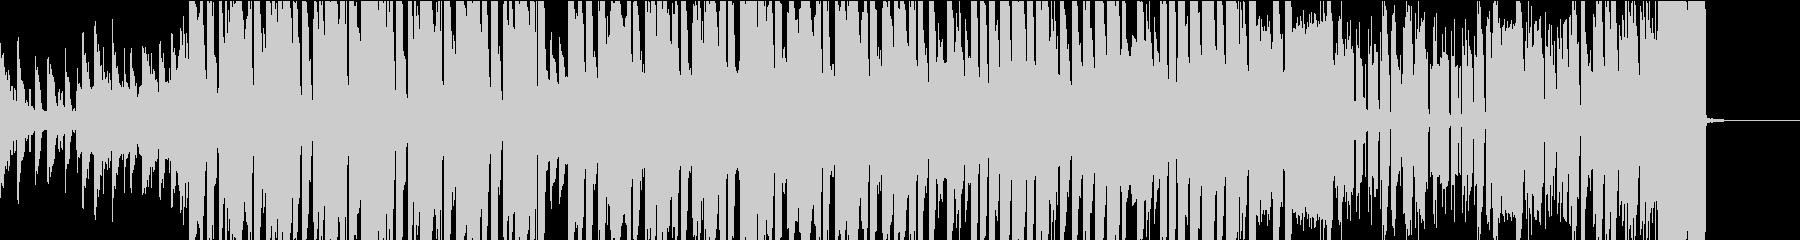 爽やかなイメージのEDMの未再生の波形